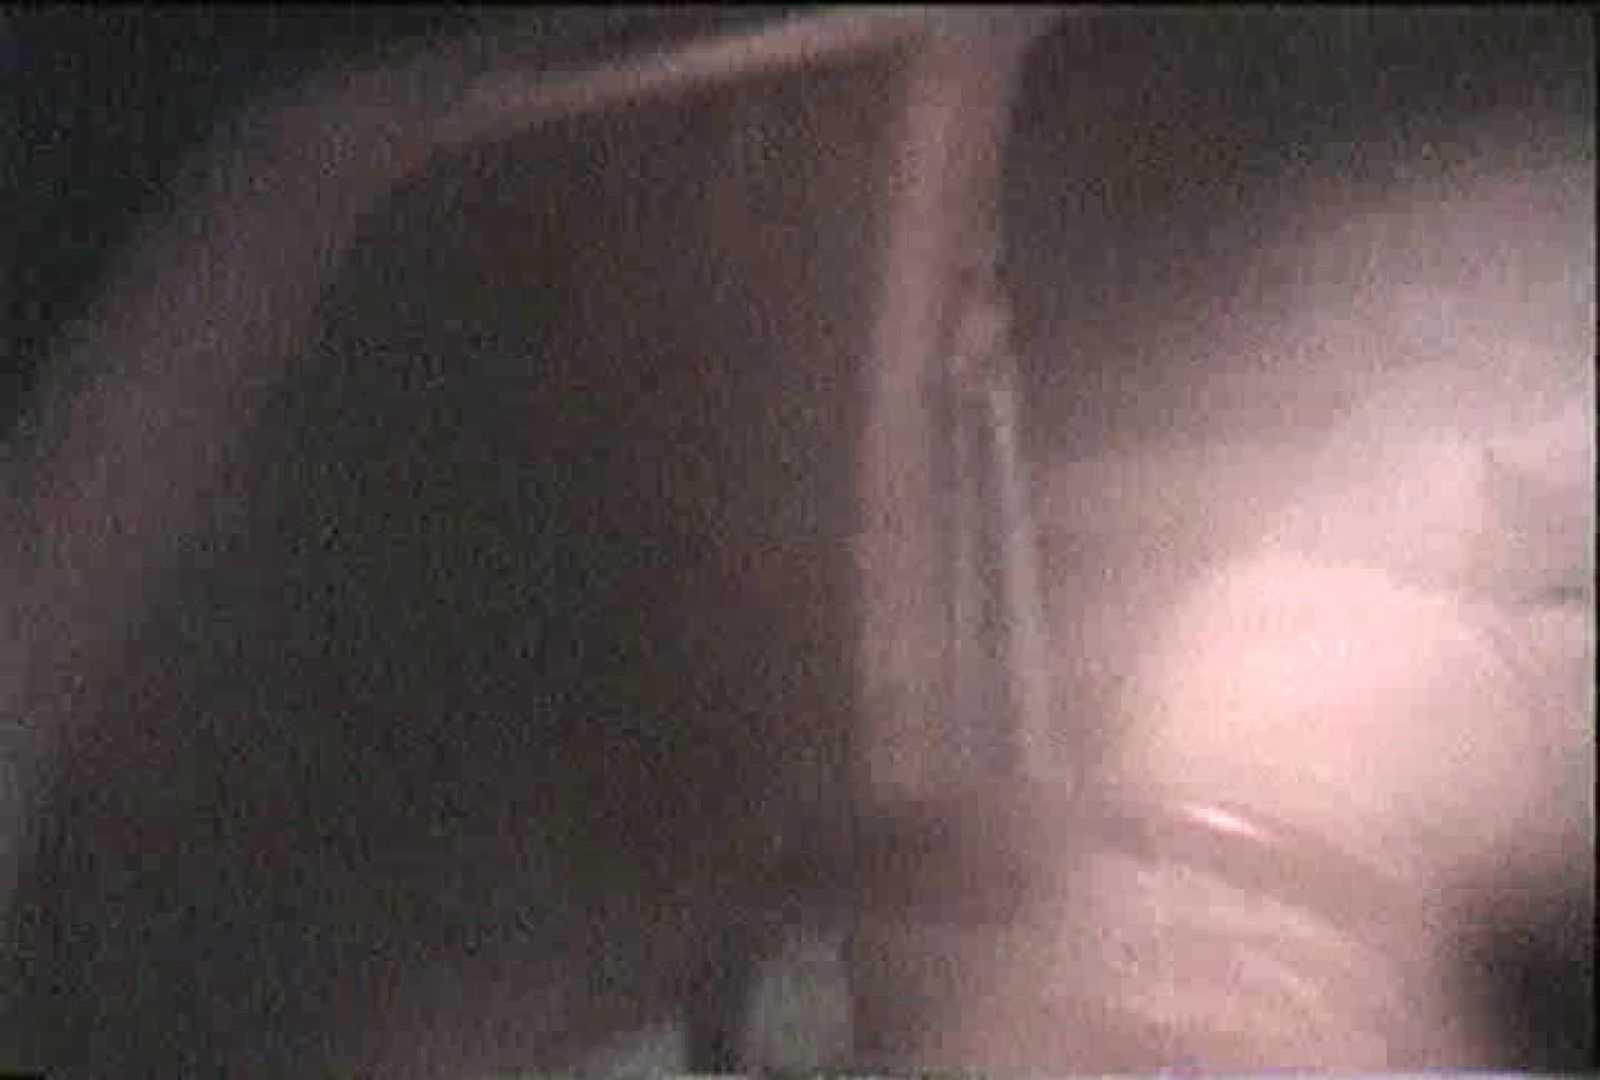 充血監督の深夜の運動会Vol.80 エロティックなOL おめこ無修正画像 85画像 32